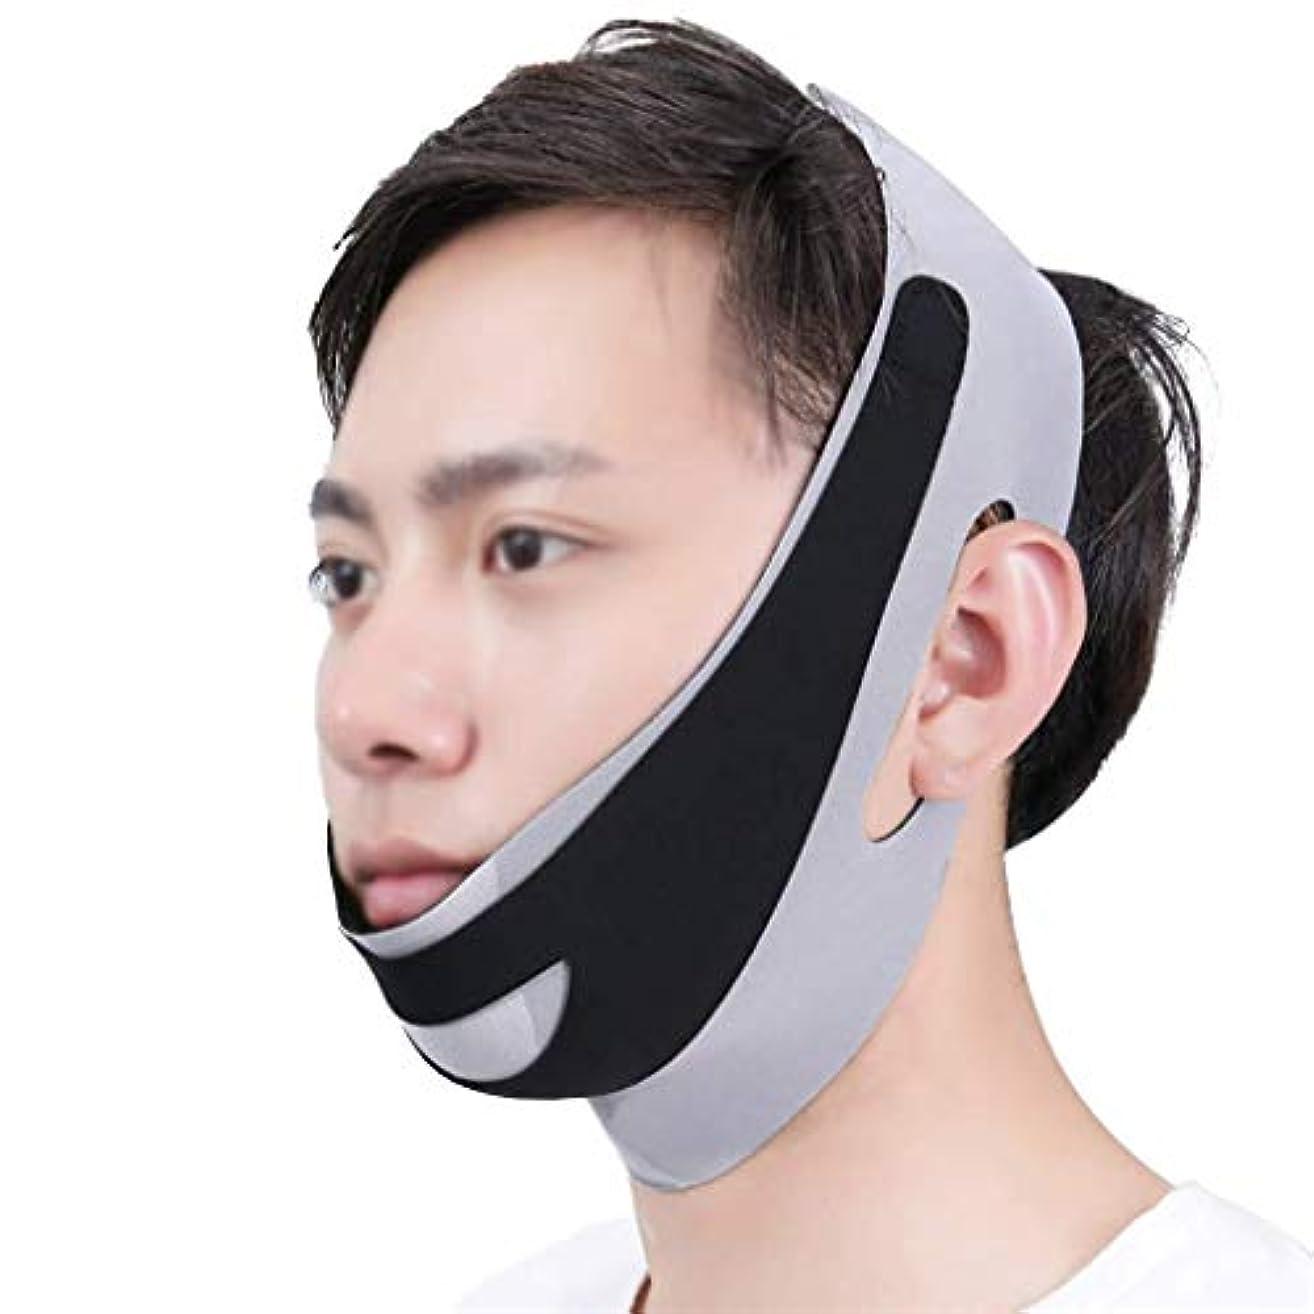 羊貞隣人顔と首のリフト術後の弾性フェイスマスク小さなV顔アーティファクト薄い顔包帯アーティファクトV顔ぶら下げ耳リフティング引き締め男性の顔アーティファクト